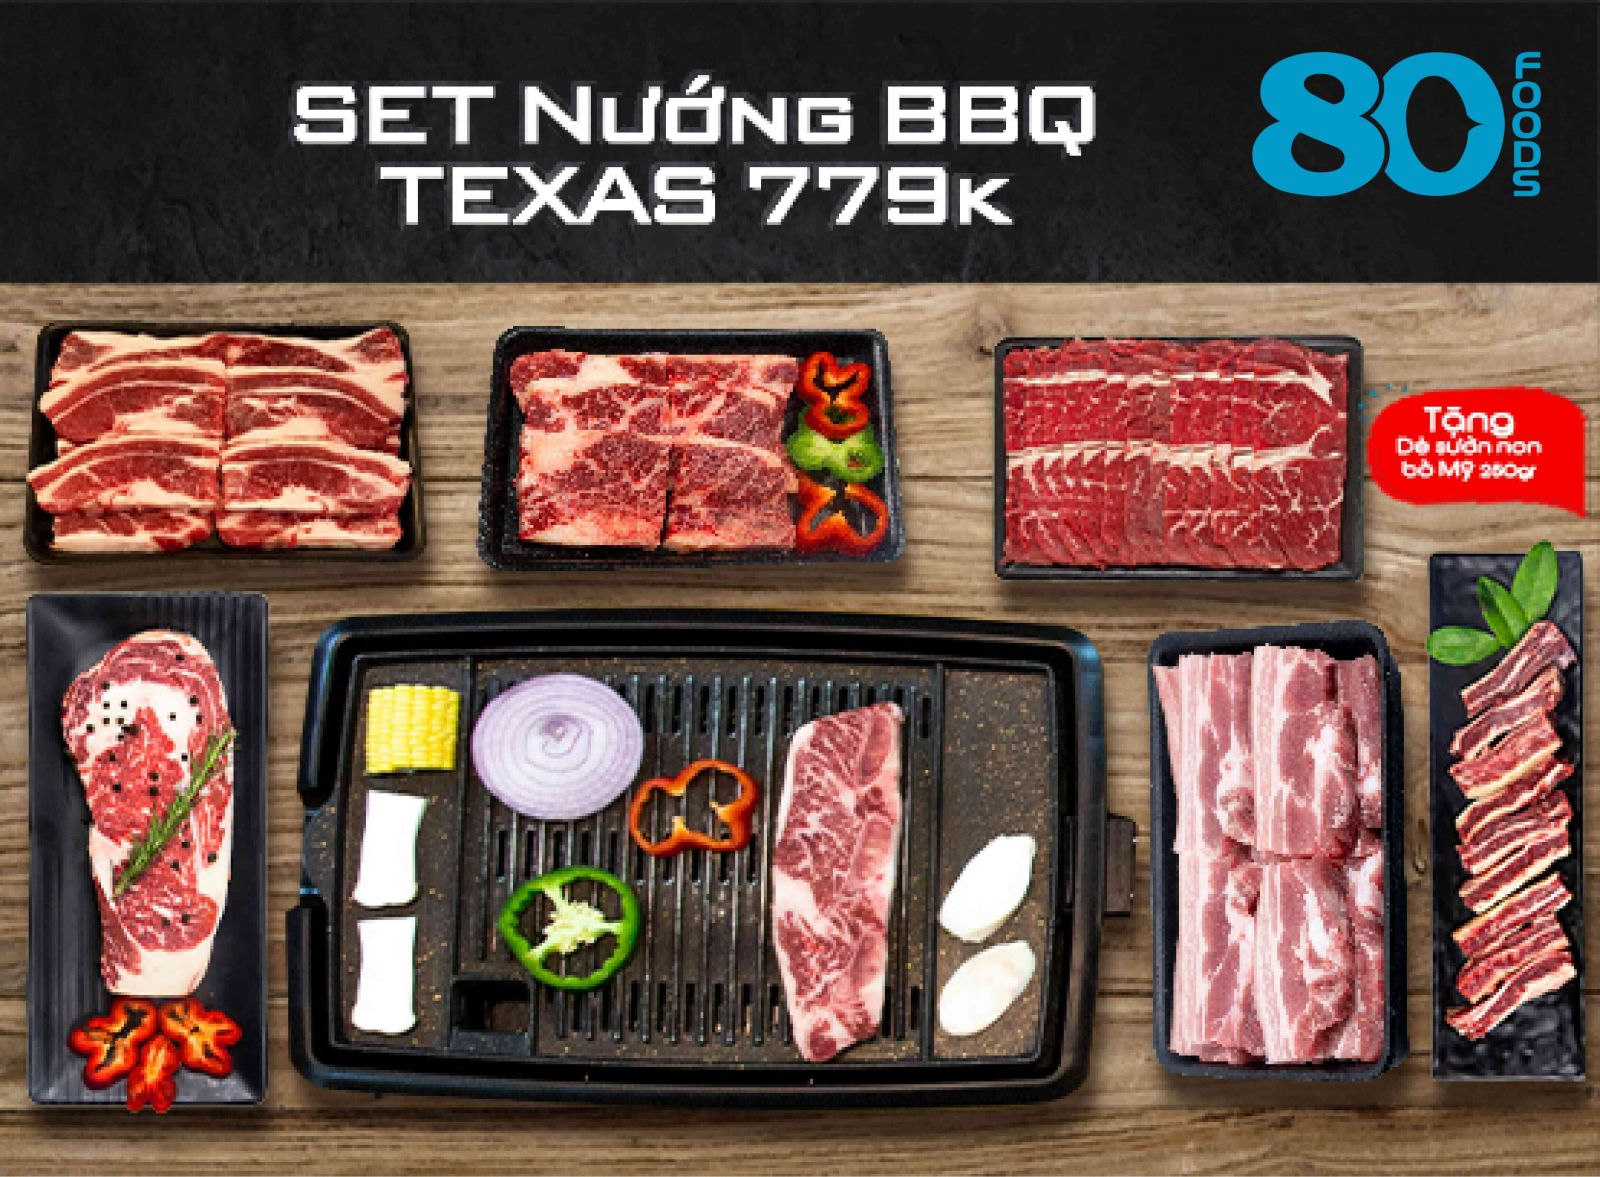 SET NƯỚNG BBQ TEXAS (1,6kg)